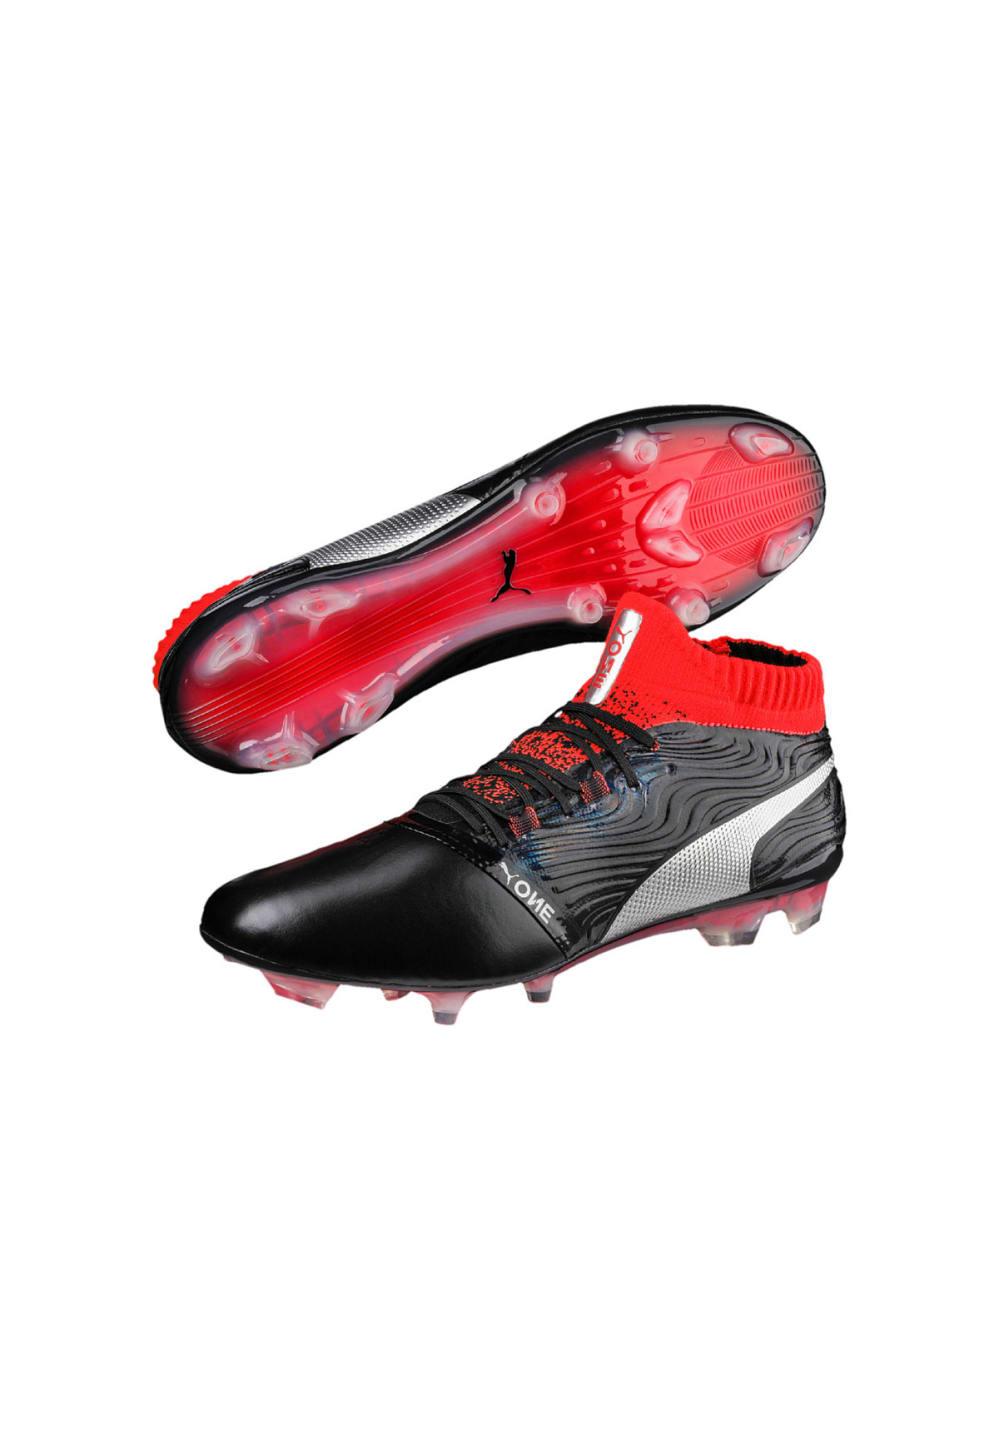 42ccae9287 Puma Puma ONE 18.1 FG - Football Shoes for Men - Black